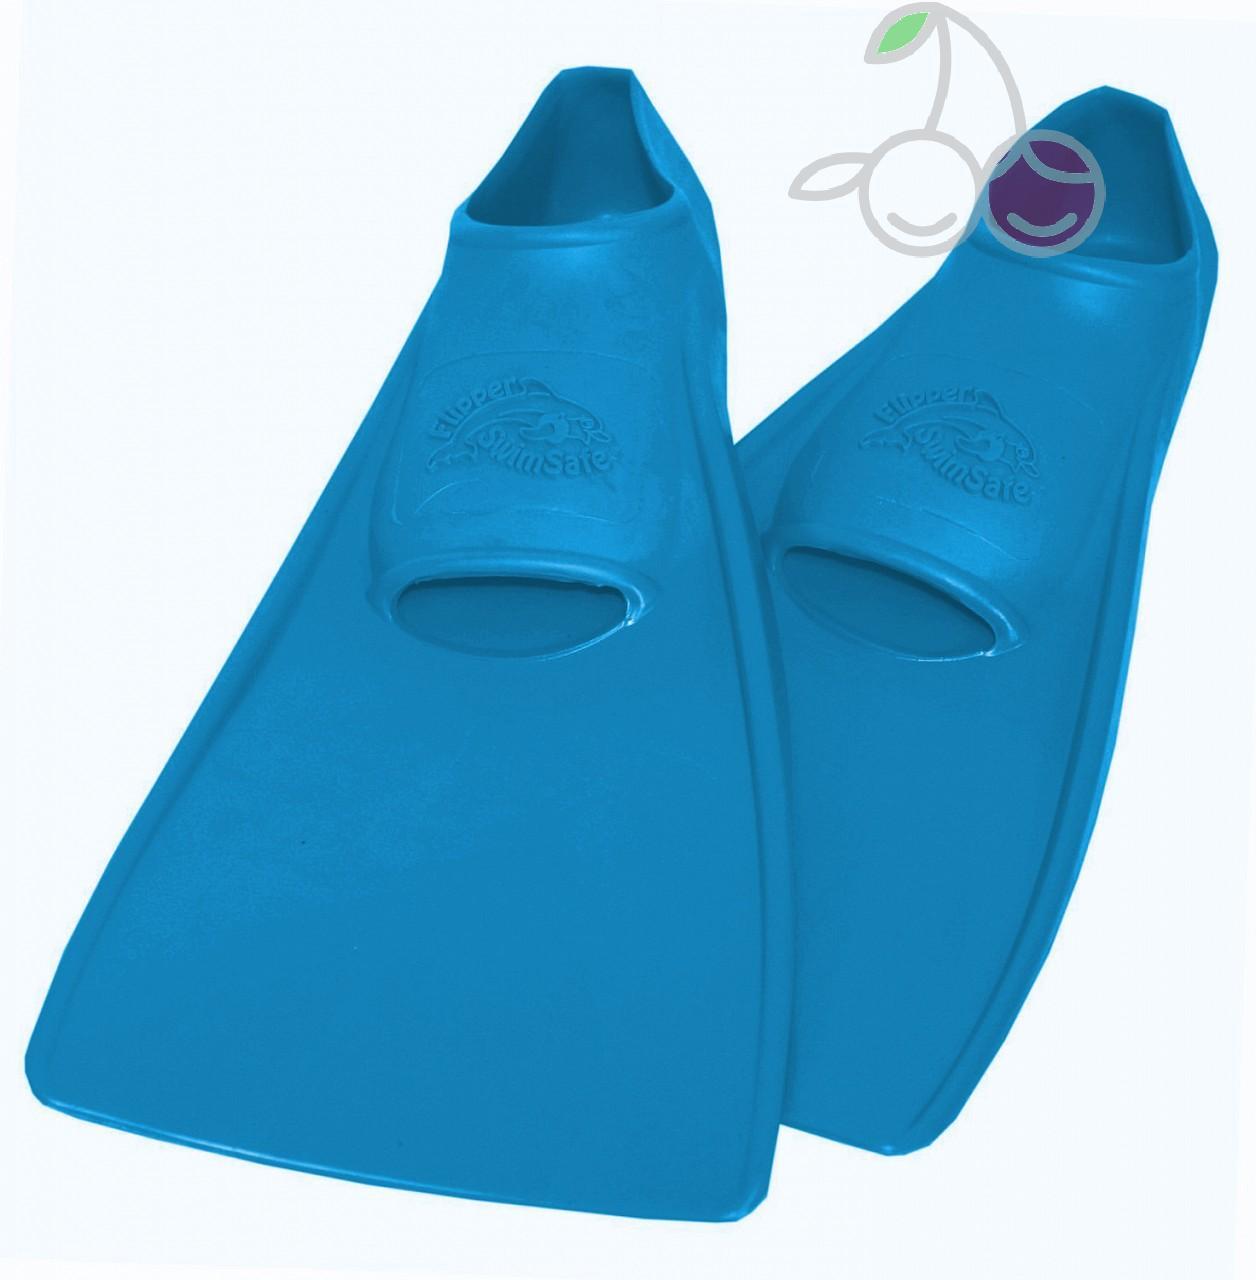 Ласты для бассейна резиновые детские размеры 26-28 синие СВИМСЕЙФ (SwimSafe) Германия, - фото 1